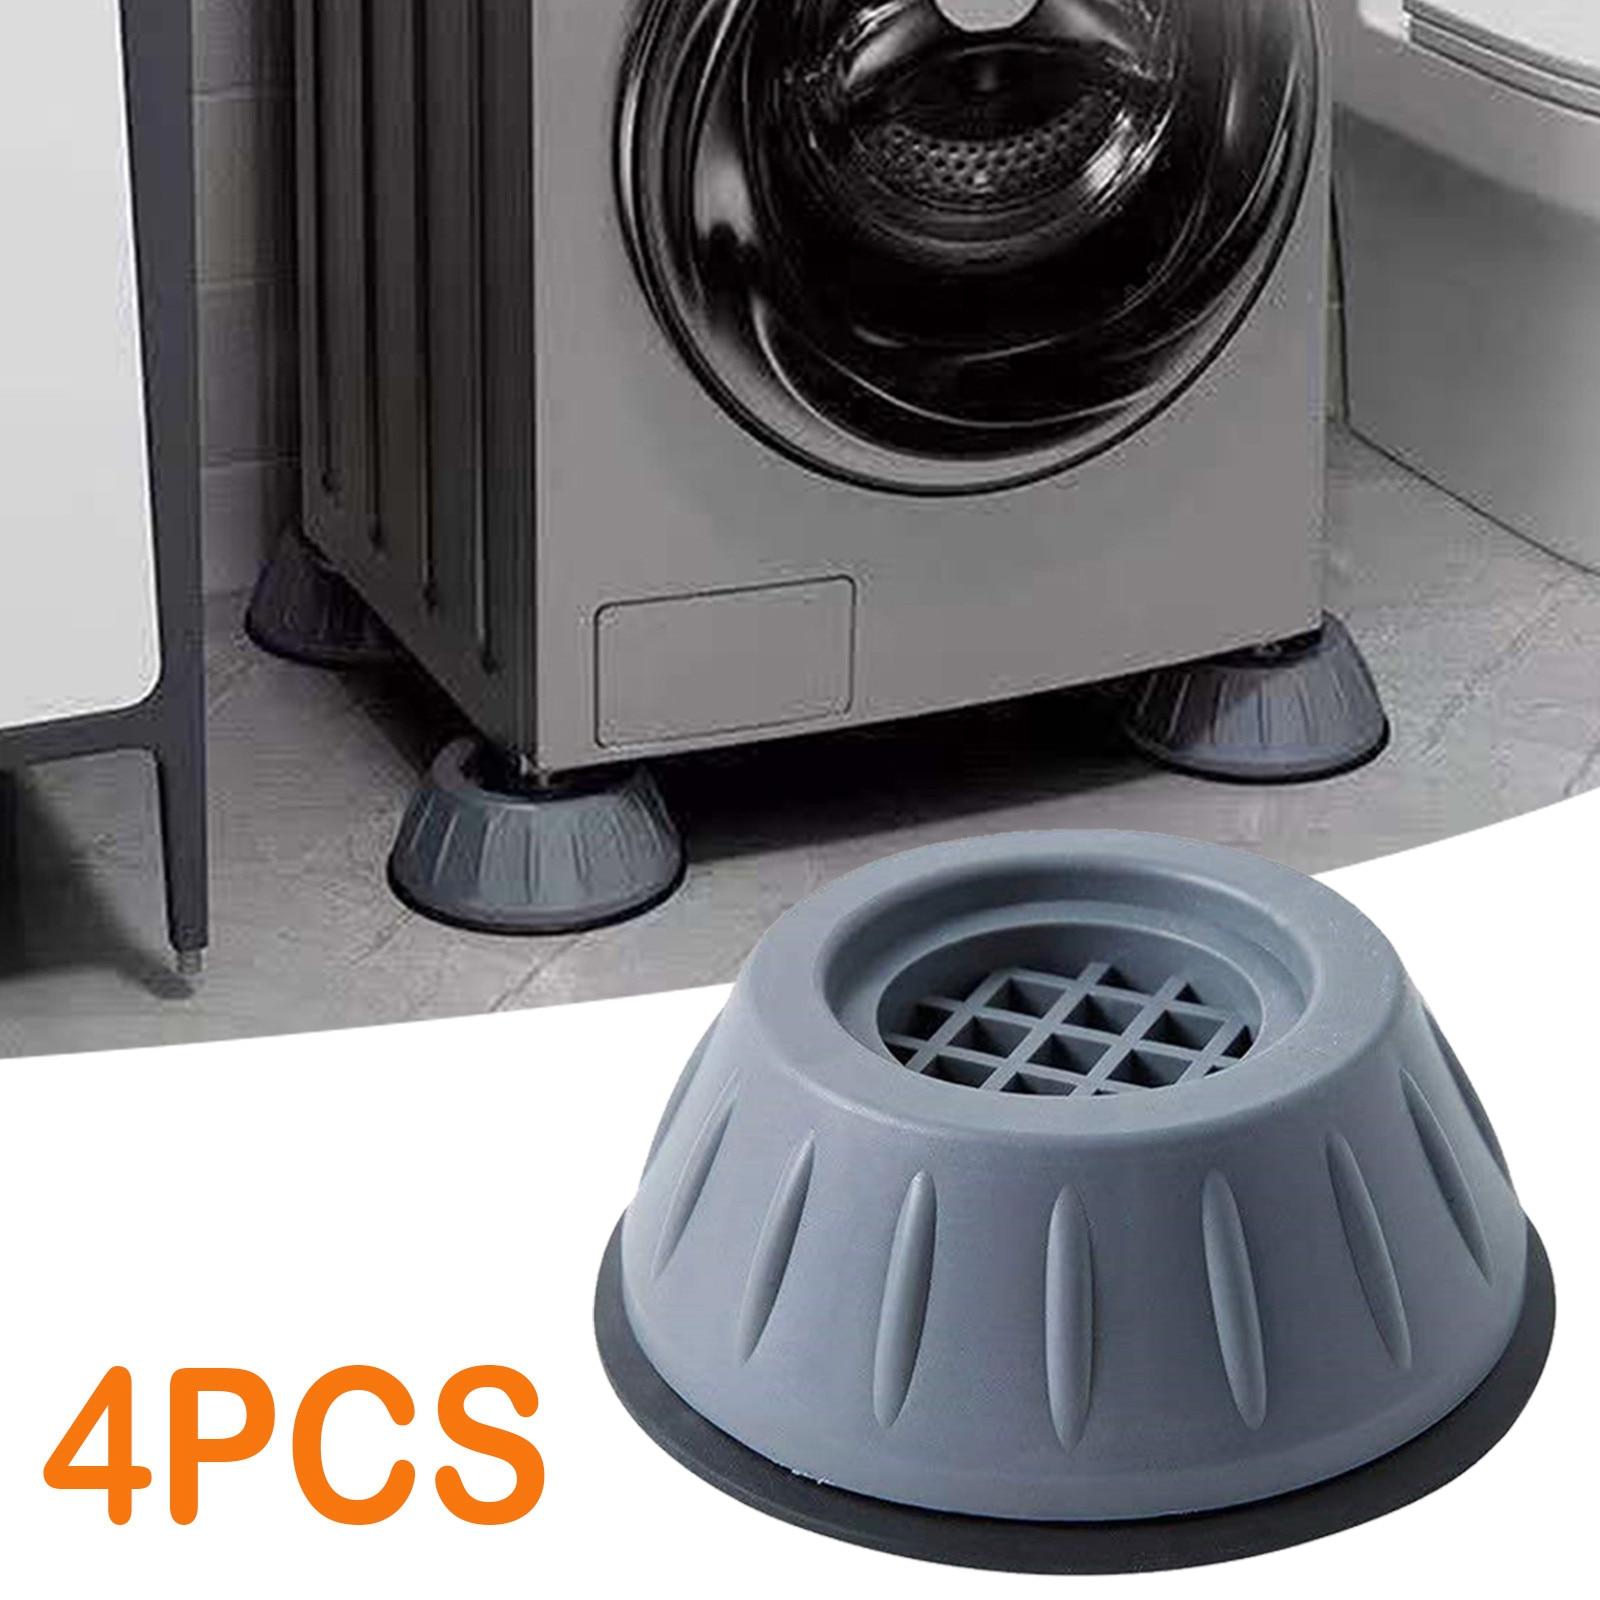 Anti Vibration Rubber Washing Machine Feet Pads